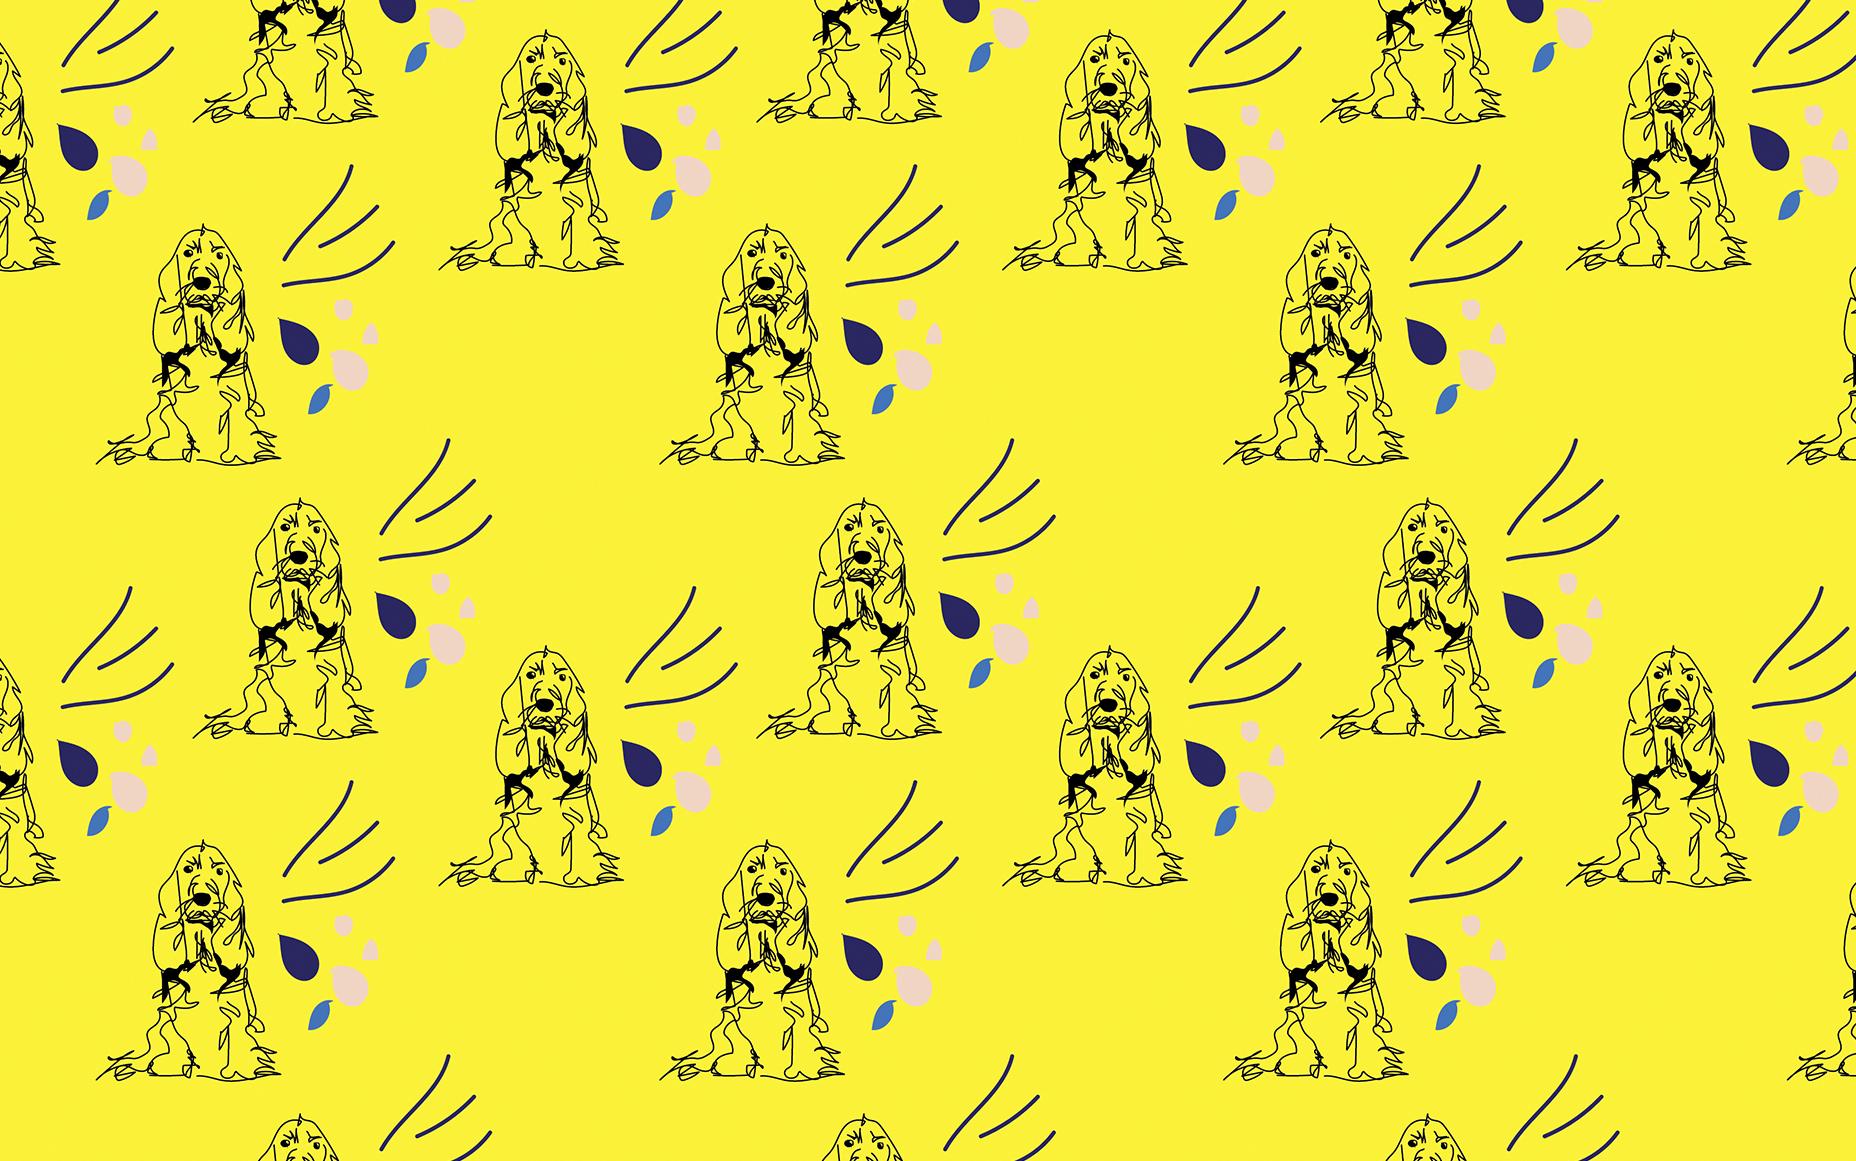 desktop_doggo_drama_03.jpg